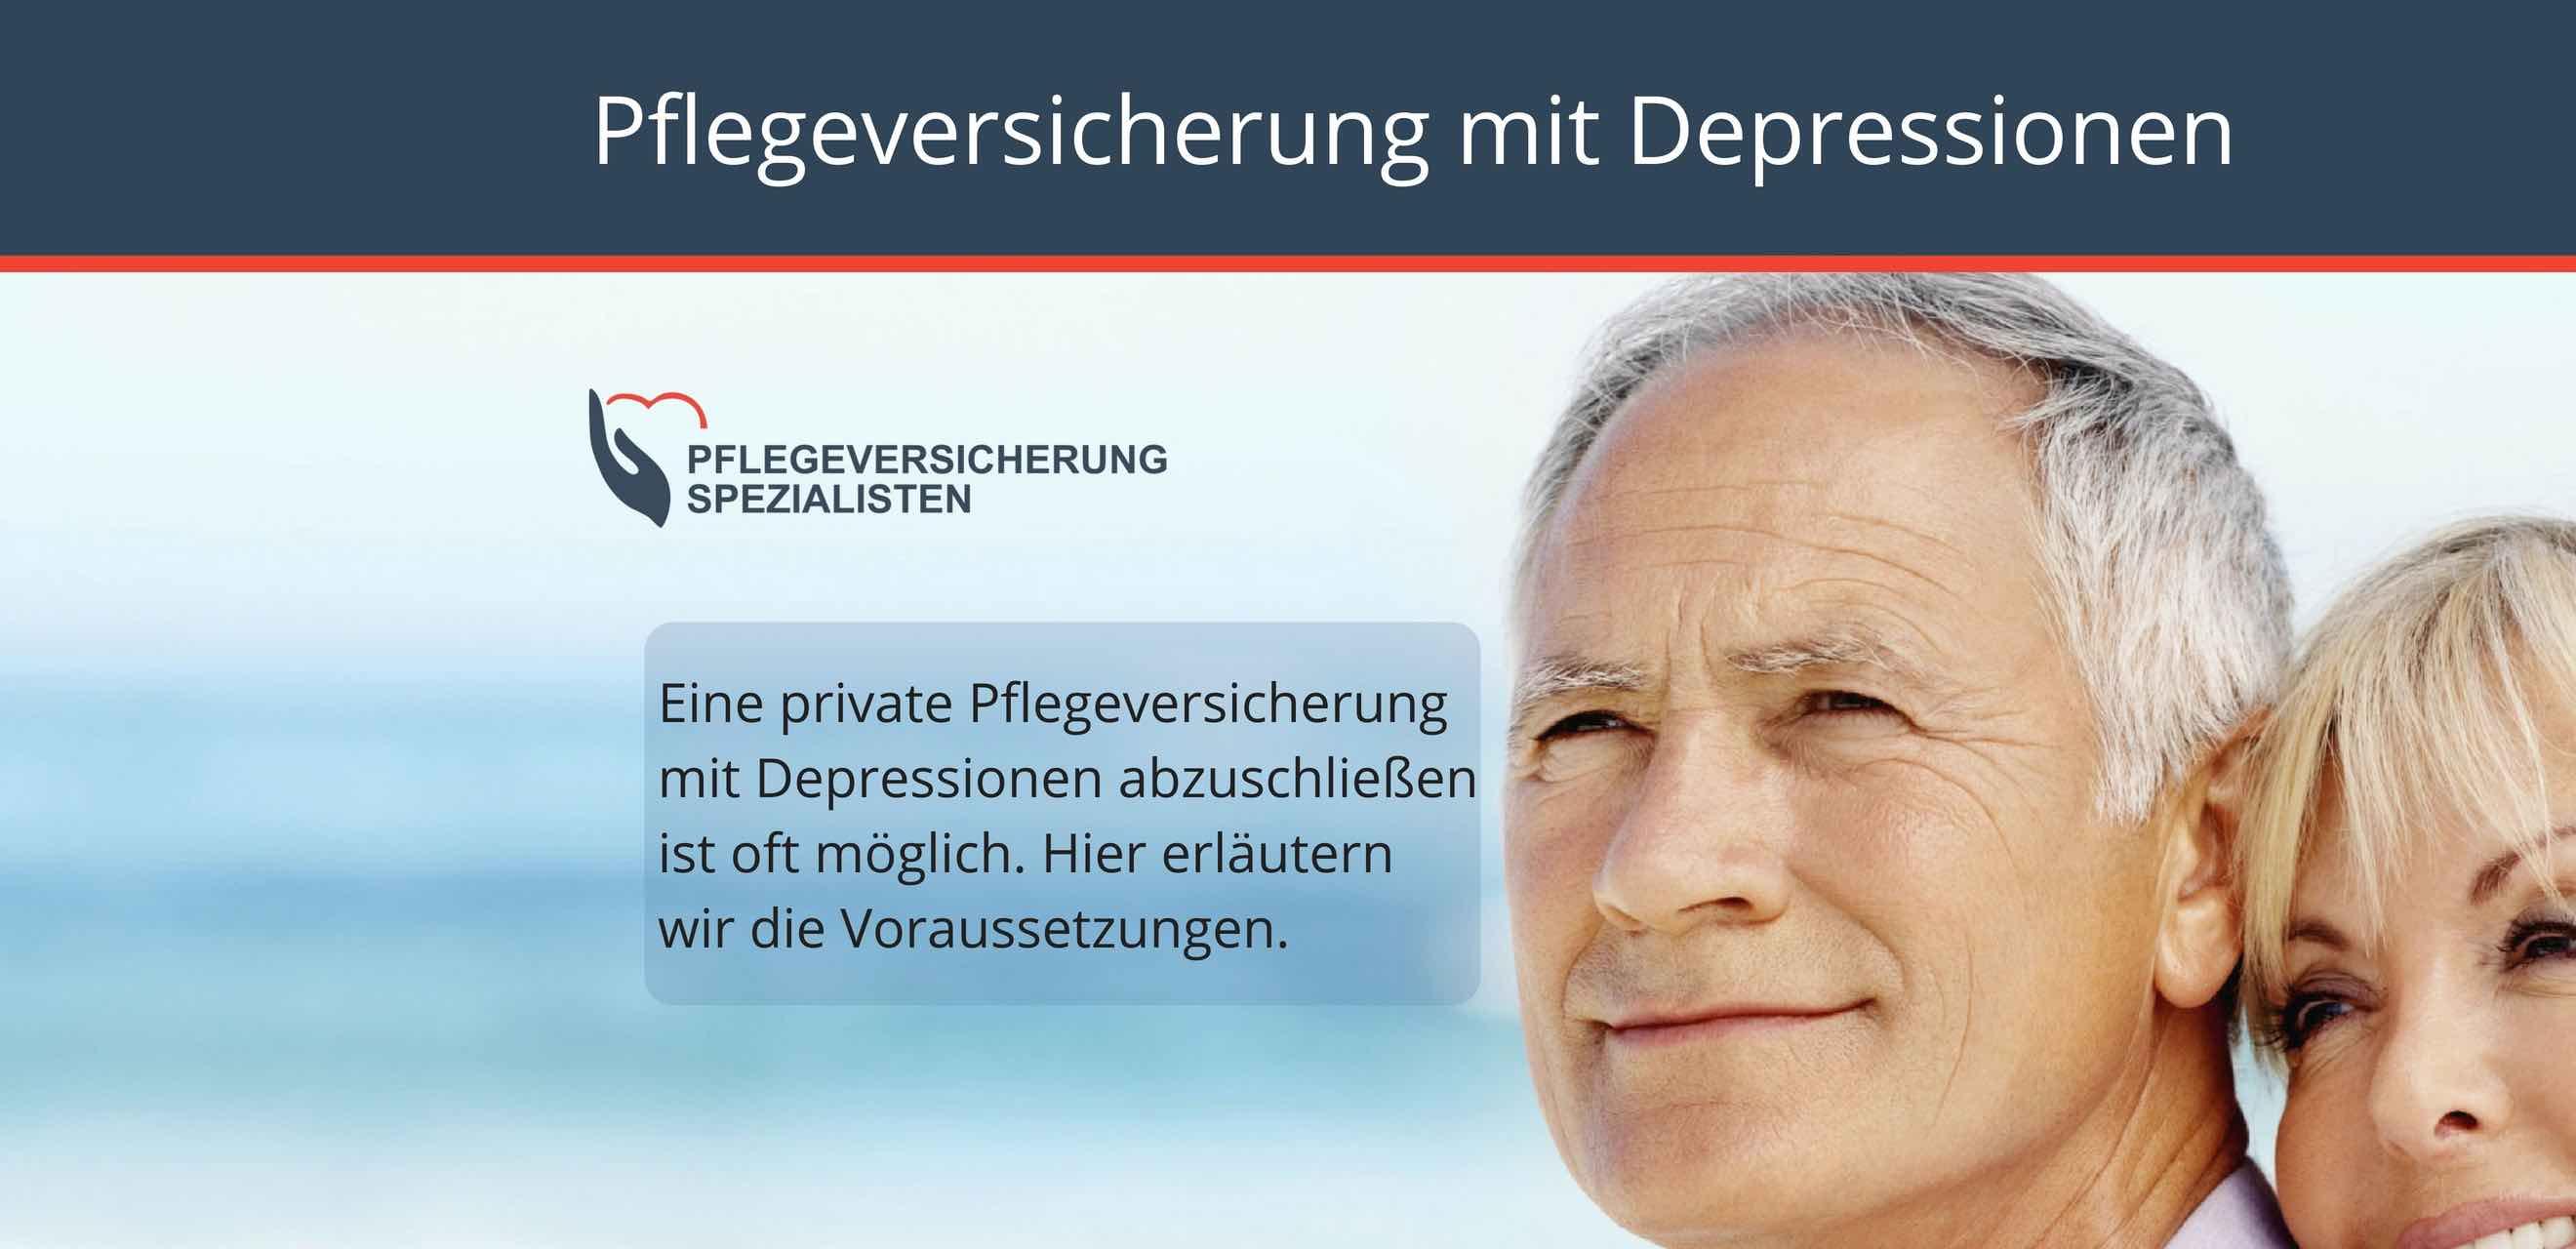 Die Pflegeversicherung Spezialisten informieren : Pflegeversicherung mit Depressionen